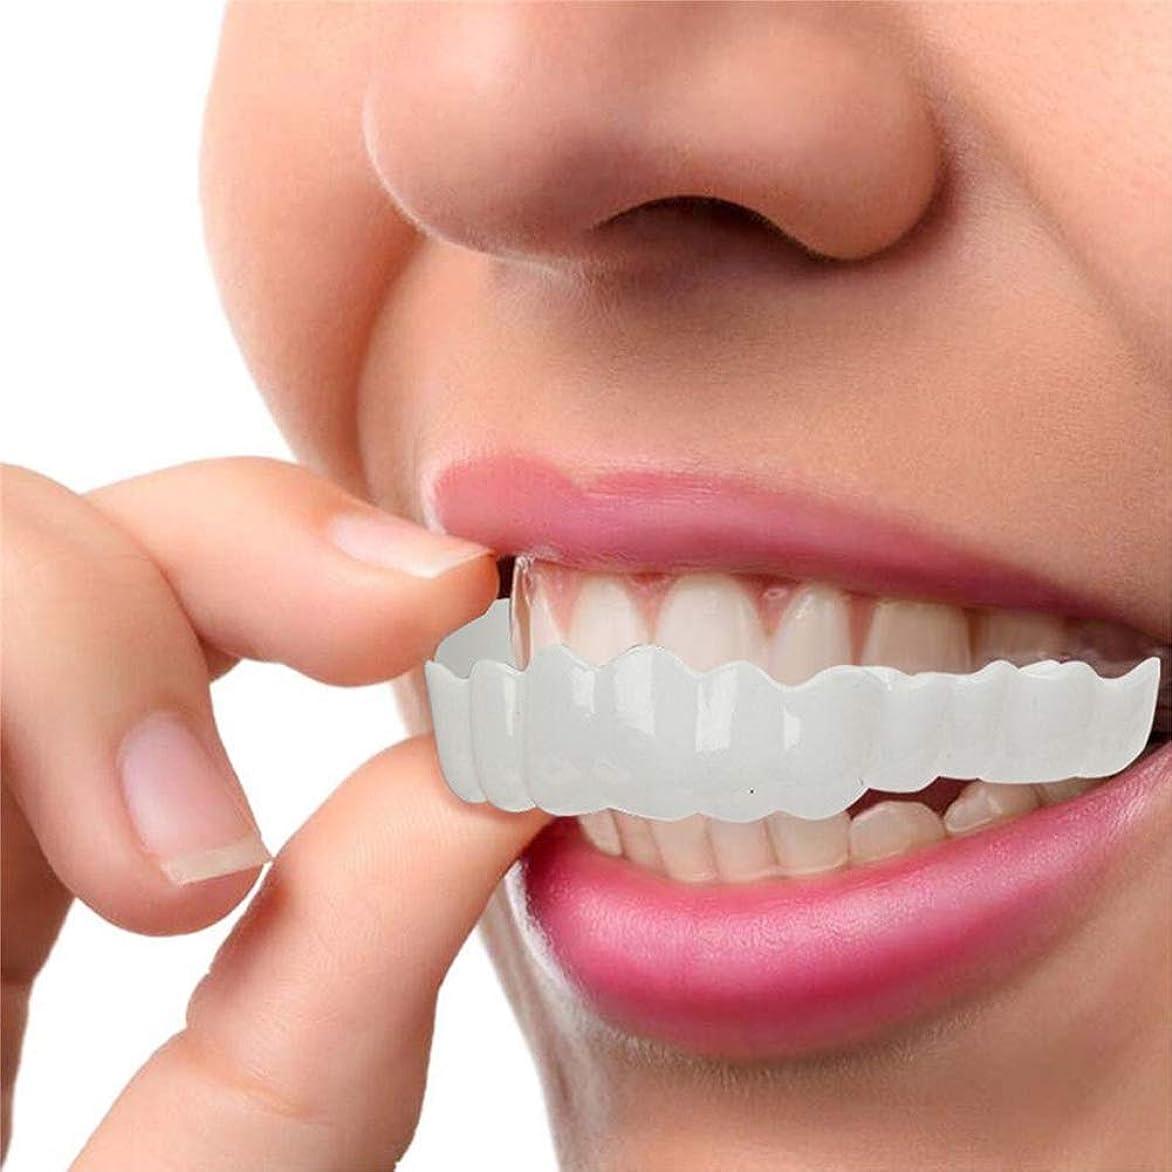 社会主義者エントリ嘆く2セット、白い歯をきれいにするコンフォートフィットフレックス歯ソケット、化粧用歯、超快適、快適フィット、